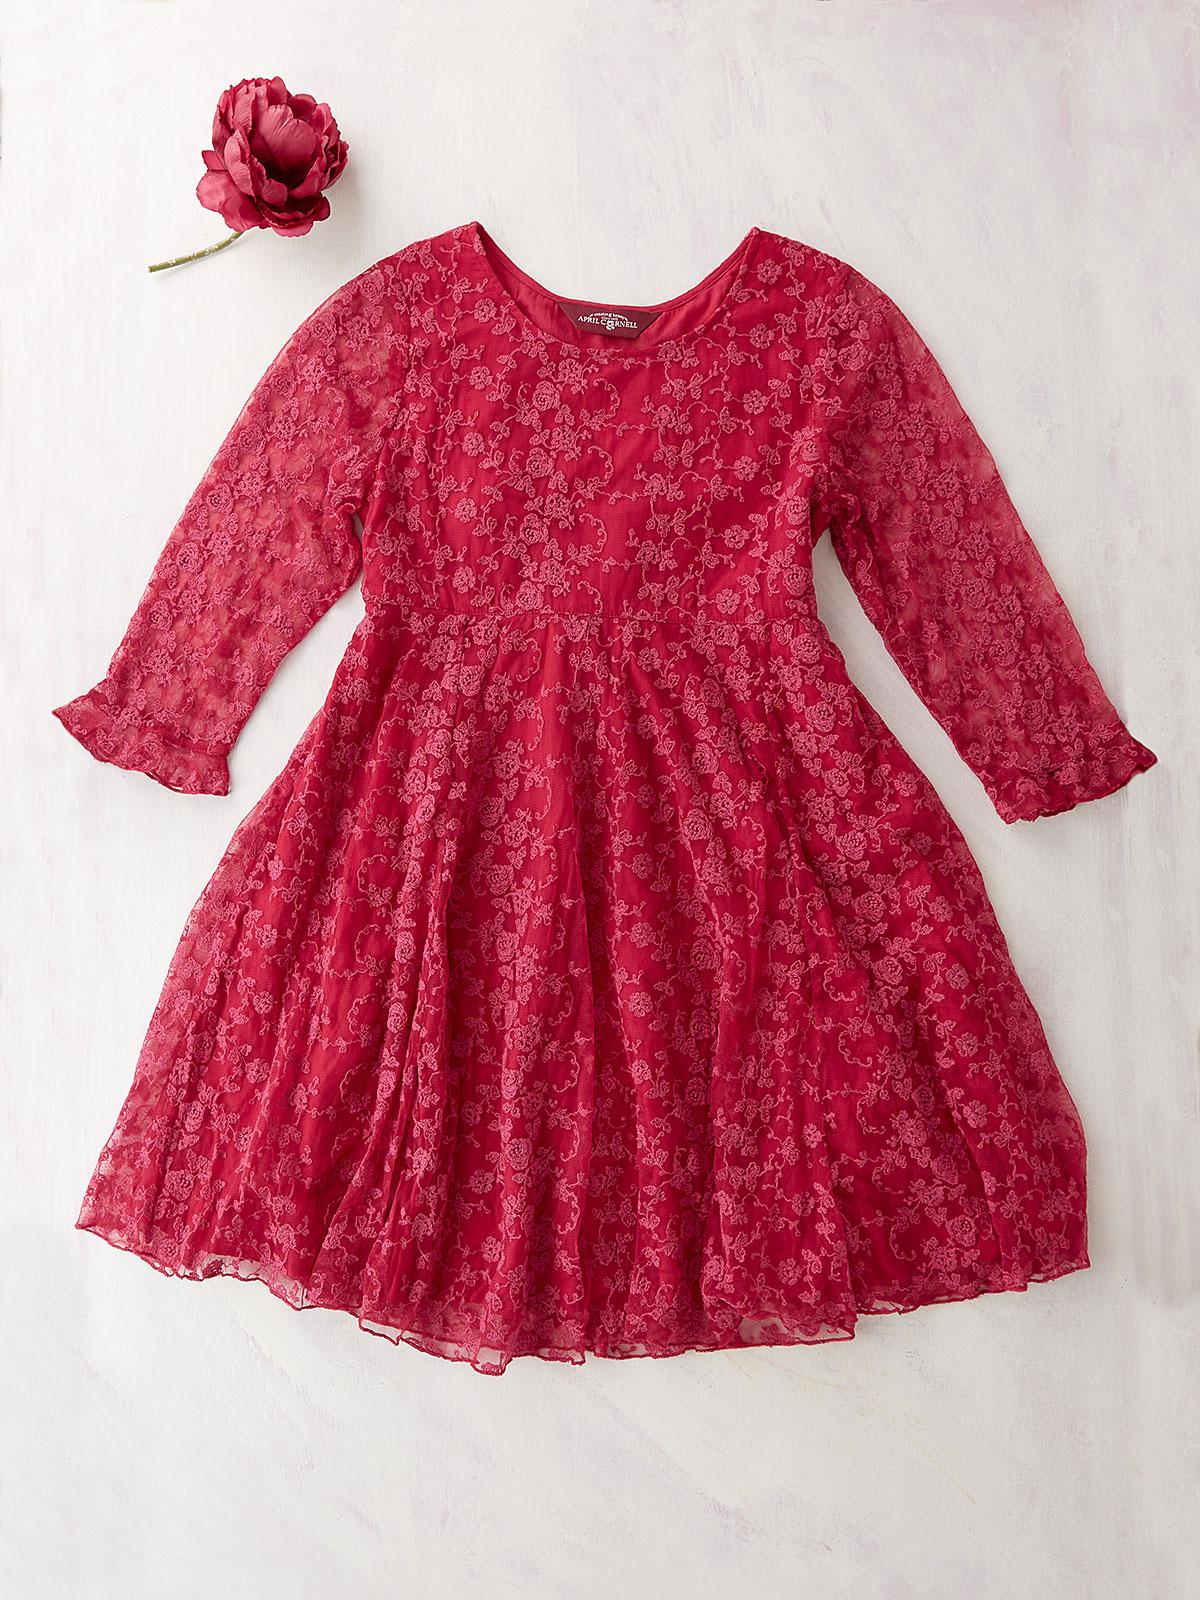 Sugarplum Young Lady Dress